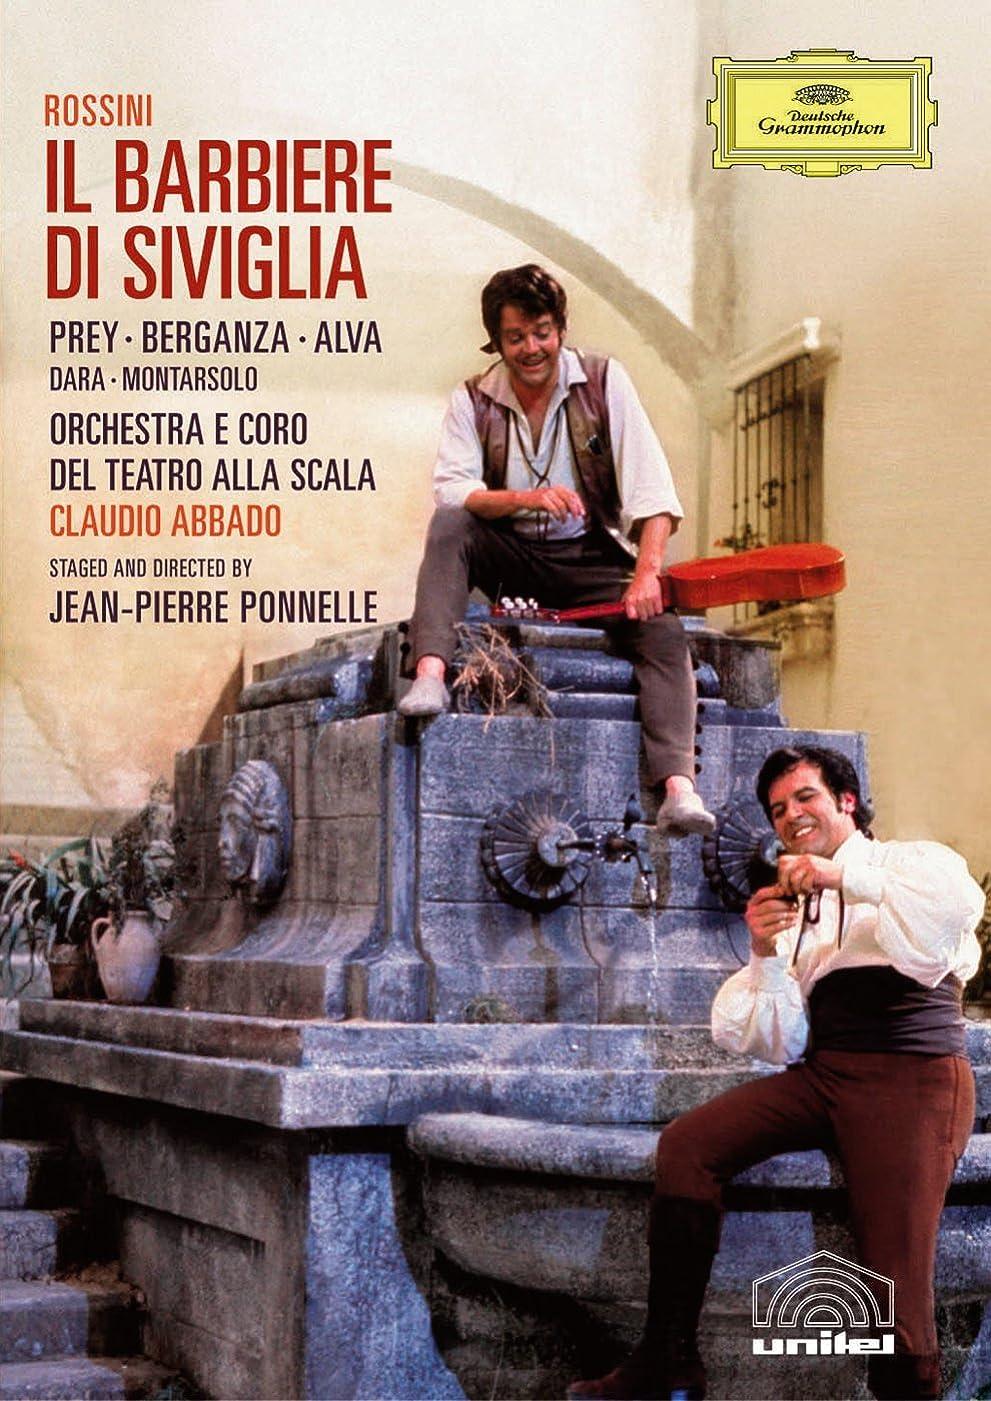 悪魔下に向けます野ウサギビゼー : オペラ 「カルメン」 (全4幕) (Georges Bizet : Carmen / Wiener Symphoniker | Paolo Carignani) [DVD] [輸入盤] [日本語帯?解説付]